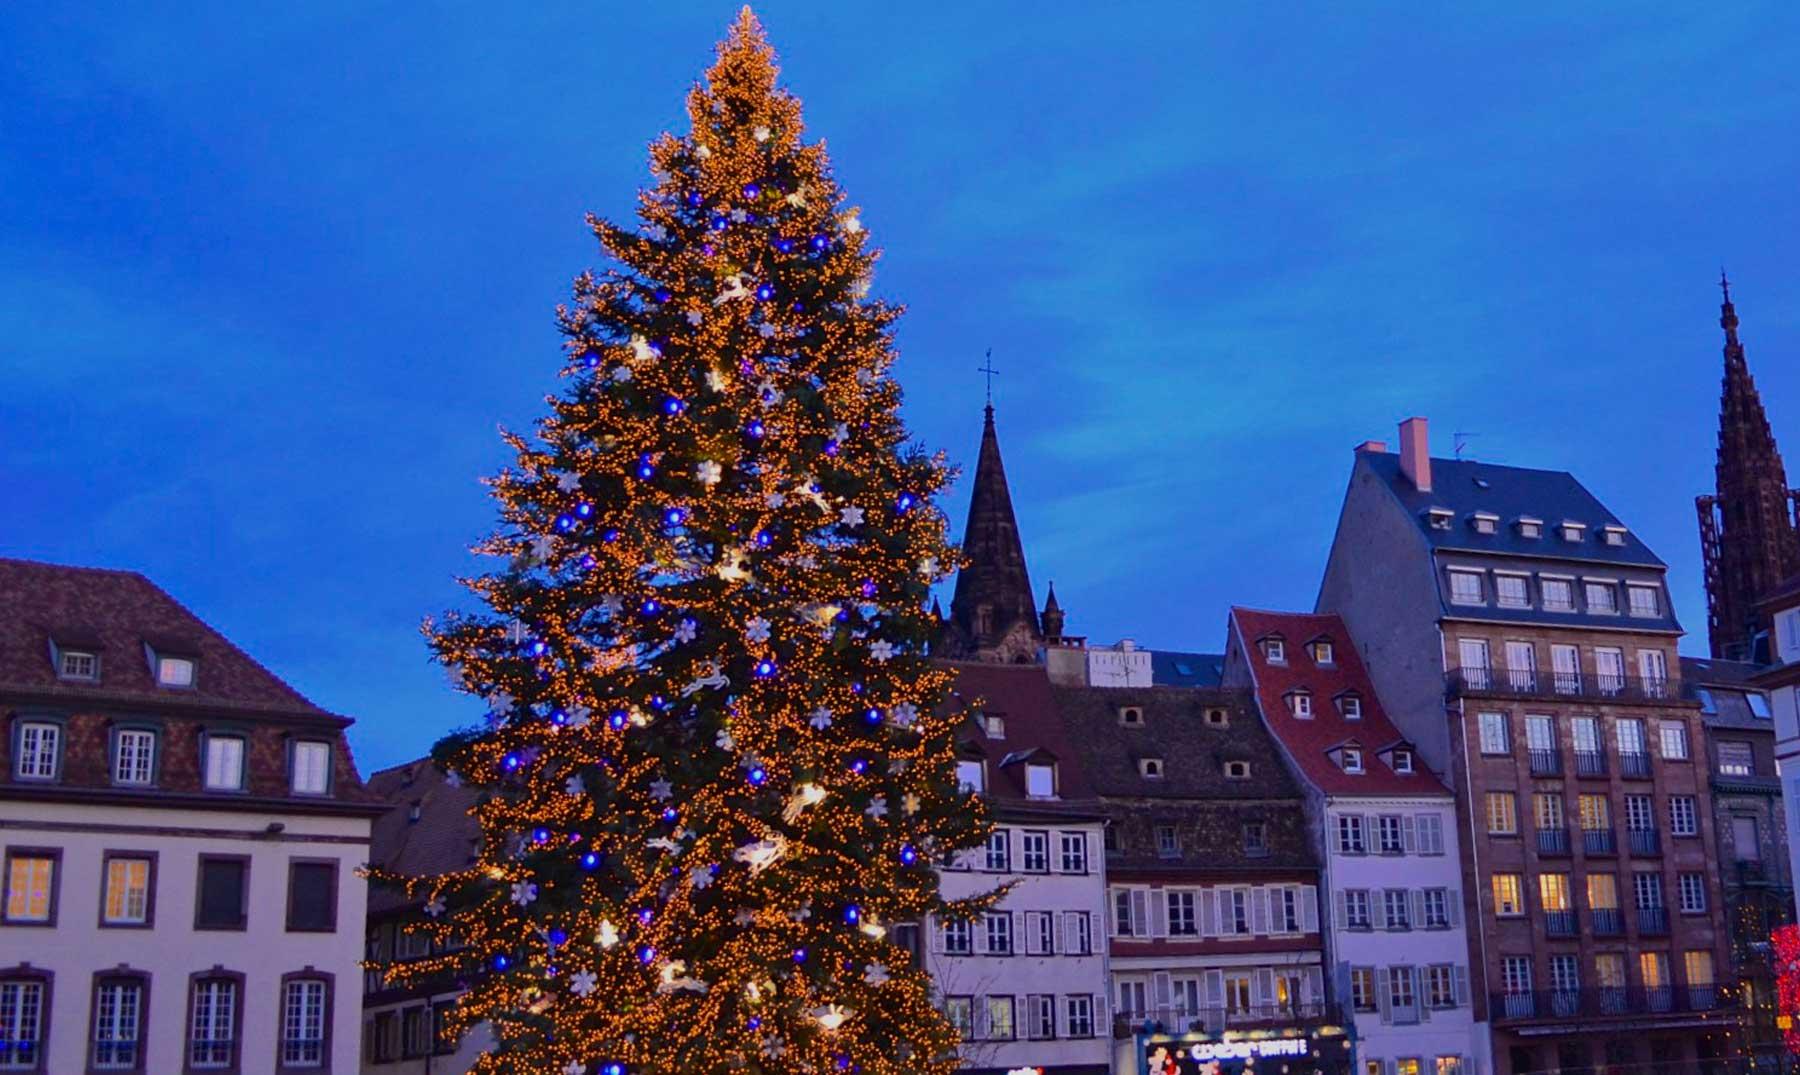 El origen del árbol de navidad, ¿dónde y cuando nace esta costumbre?